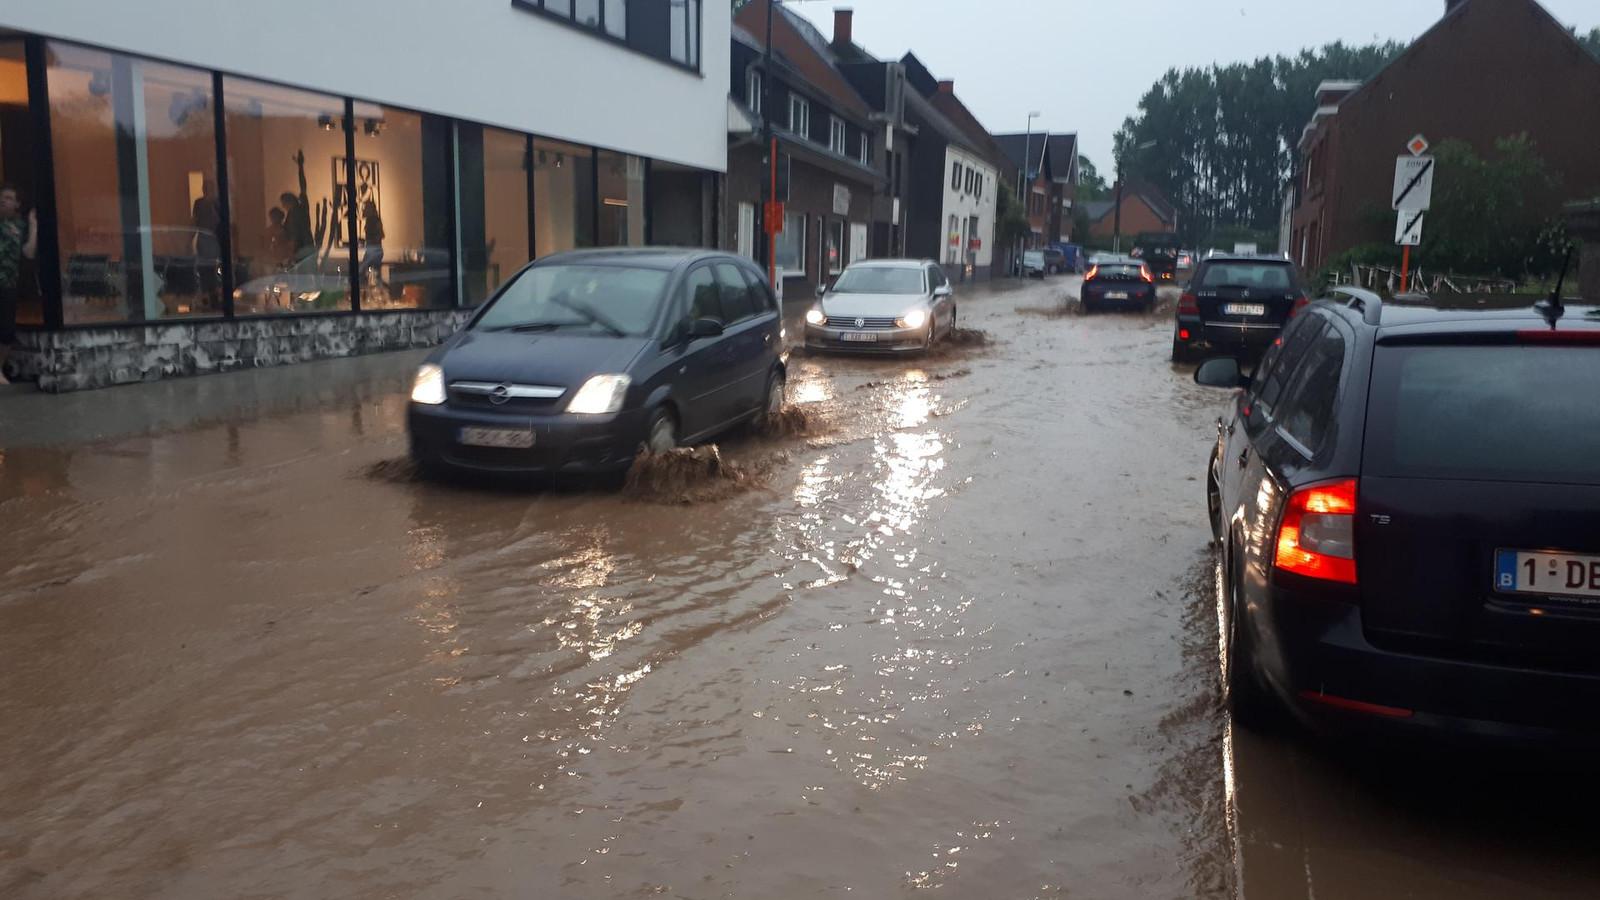 Automobilisten banen zich een weg door de Polbroek, die in een kleine rivier veranderd is.